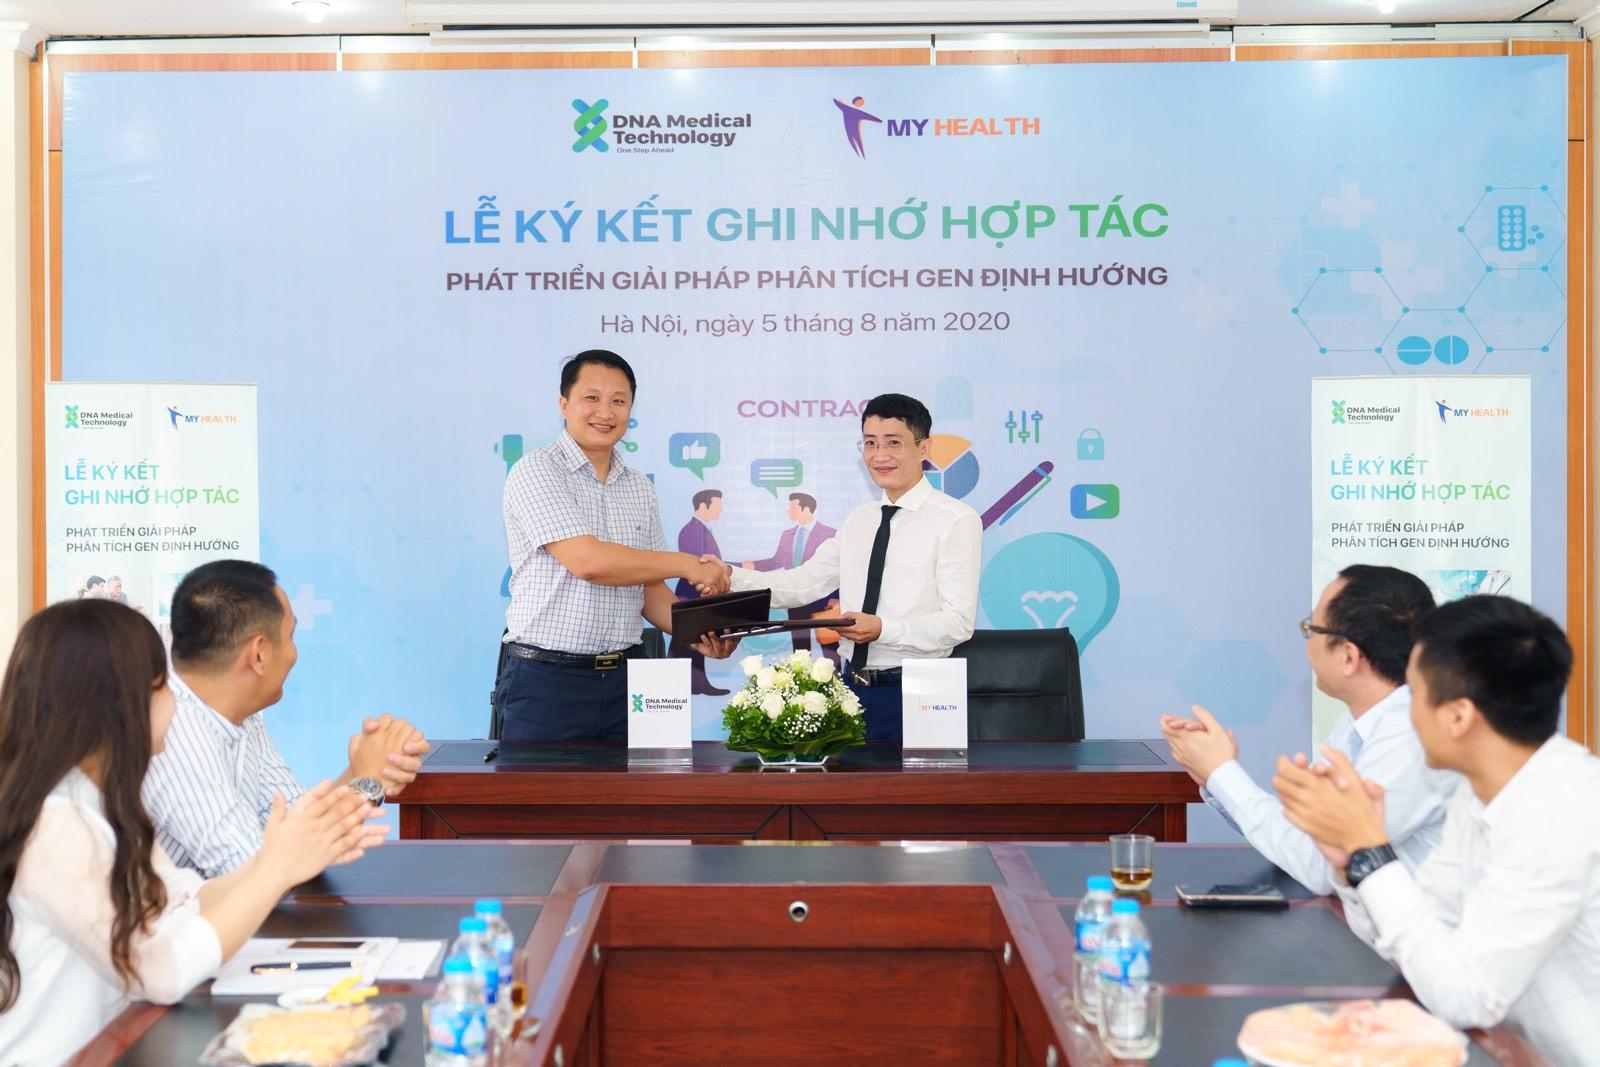 Giải pháp quản lý sức khỏe người Việt thông qua giải trình gen tổng thể